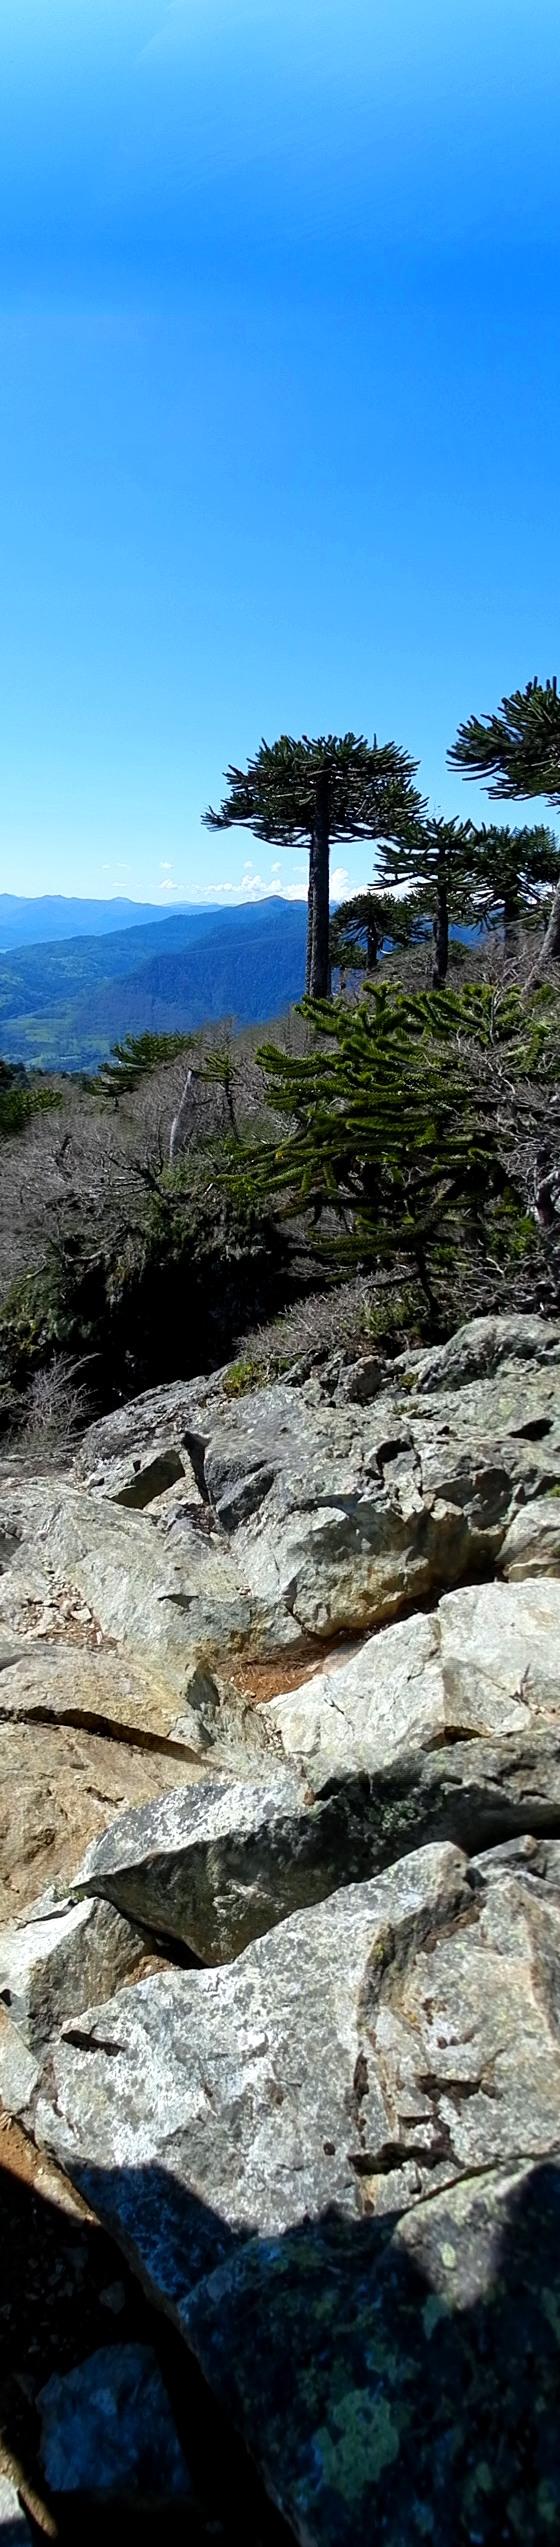 2012 - Araucaria trees, Mirador el Cani, Pucon, Chile